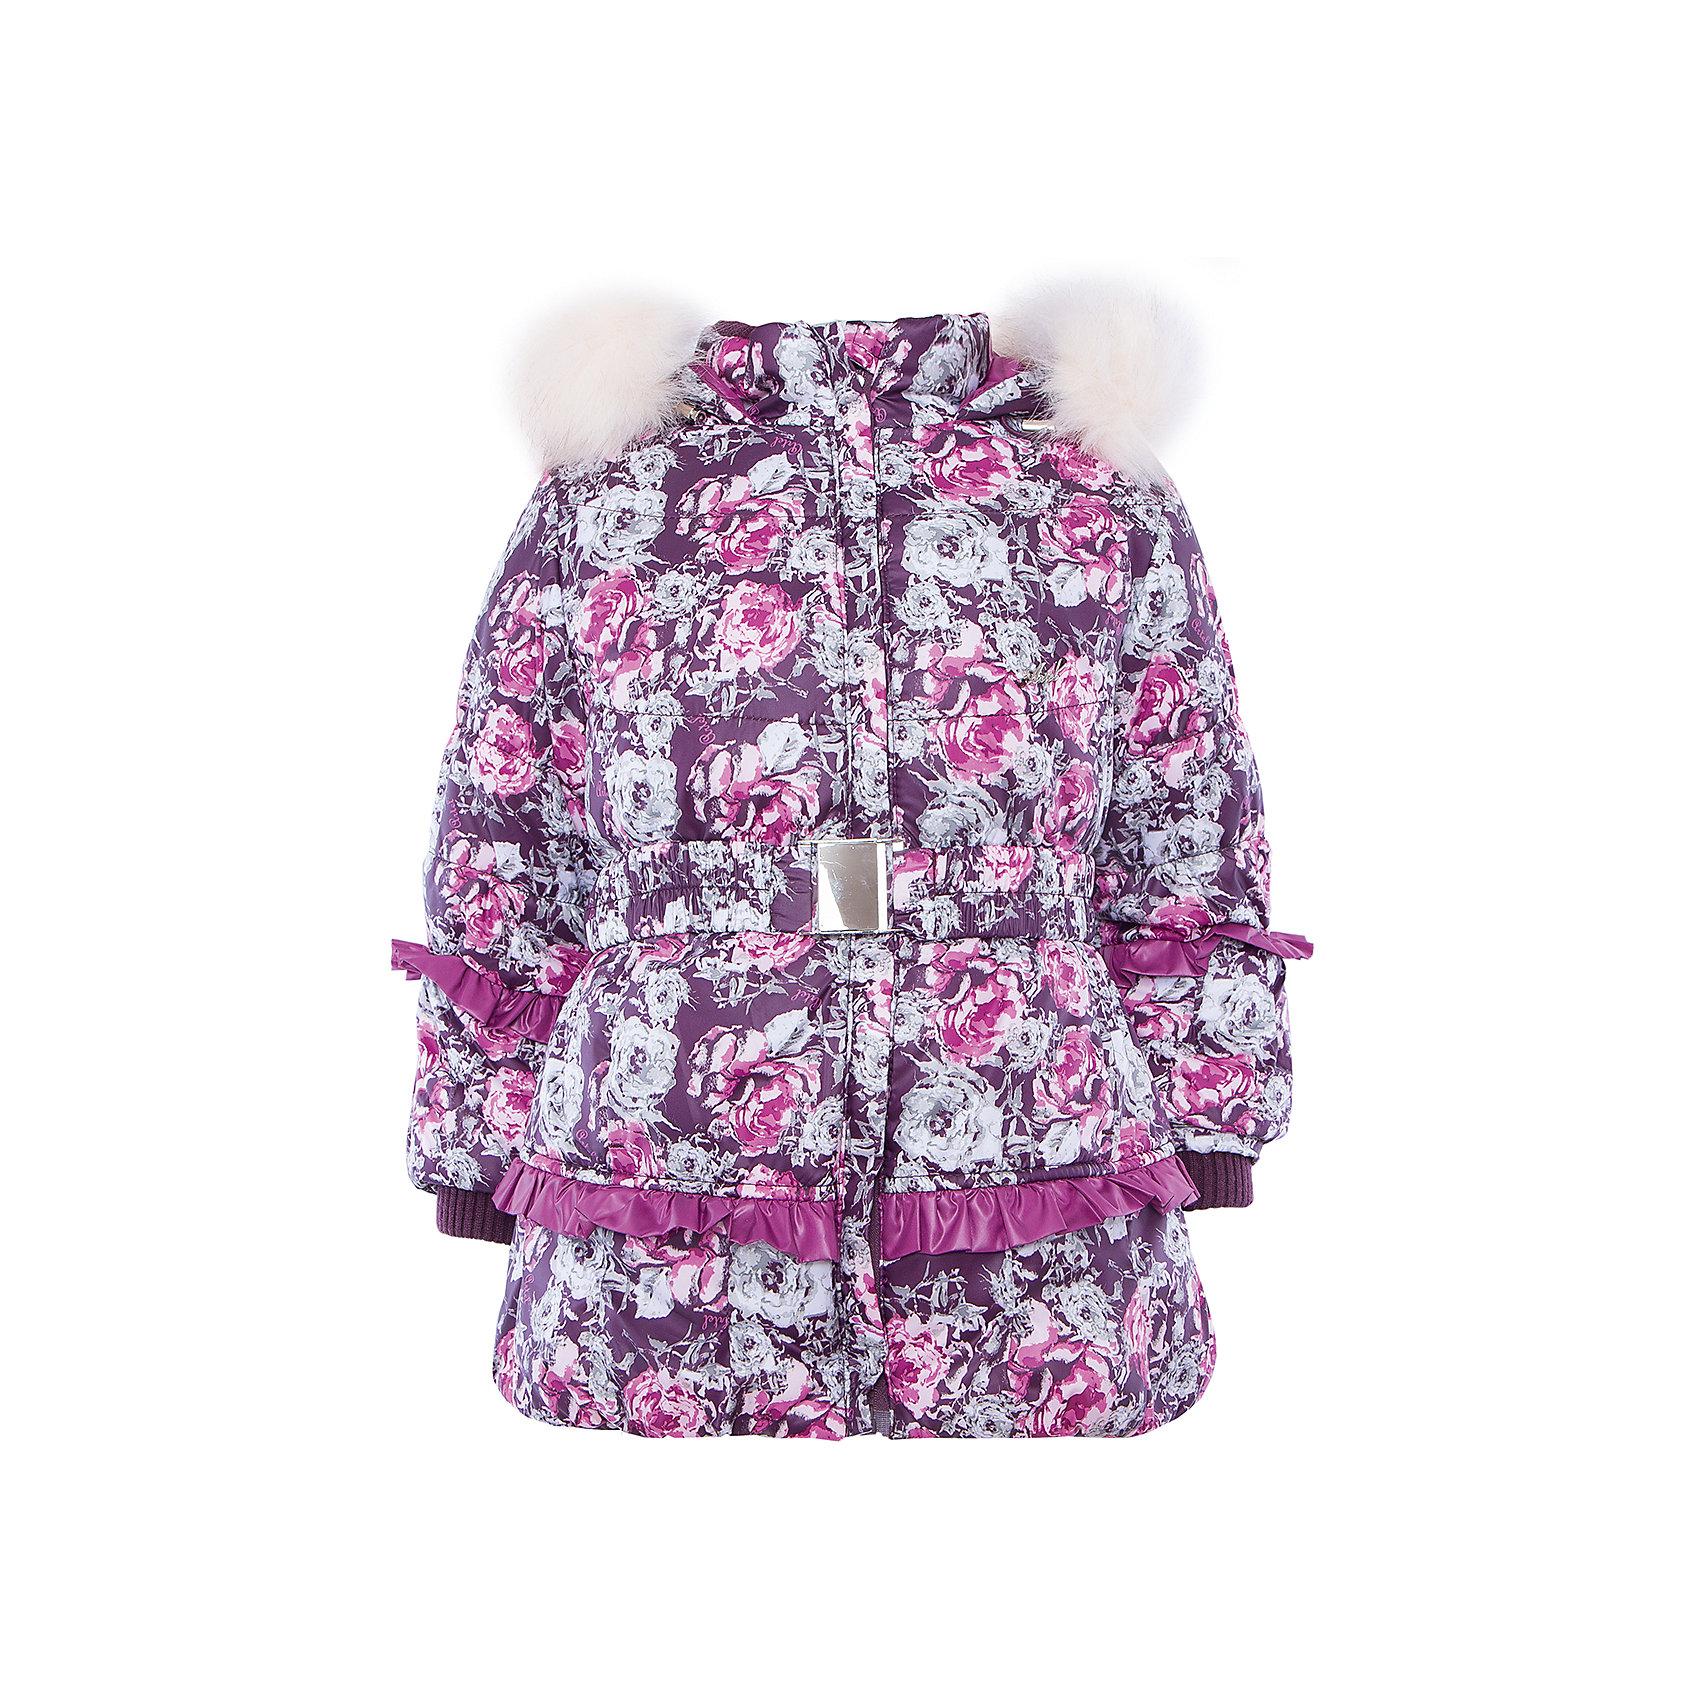 Куртка на овчине АртельКуртка от известного бренда Артель<br>Теплая куртка на девочку с меховой подстежкой. На втачном капюшоне съемный искусственный песец. По низу рукава - трикотажные манжеты, надежно защищающие от холода. По линии талии пояс на резинке с декоративной пряжкой.По нижней части изделия и рукавам - декоративная рюшка.<br>Состав:<br>Верх: 819 YSD<br>Подкладка: инетерлок<br>Подстежка: овчина<br>Опушка: песец искусственный(отстегивается)<br>Утеплитель: термофайбер 200гр<br><br>Ширина мм: 356<br>Глубина мм: 10<br>Высота мм: 245<br>Вес г: 519<br>Цвет: розовый<br>Возраст от месяцев: 36<br>Возраст до месяцев: 48<br>Пол: Женский<br>Возраст: Детский<br>Размер: 104,122,98,110,116<br>SKU: 4963590